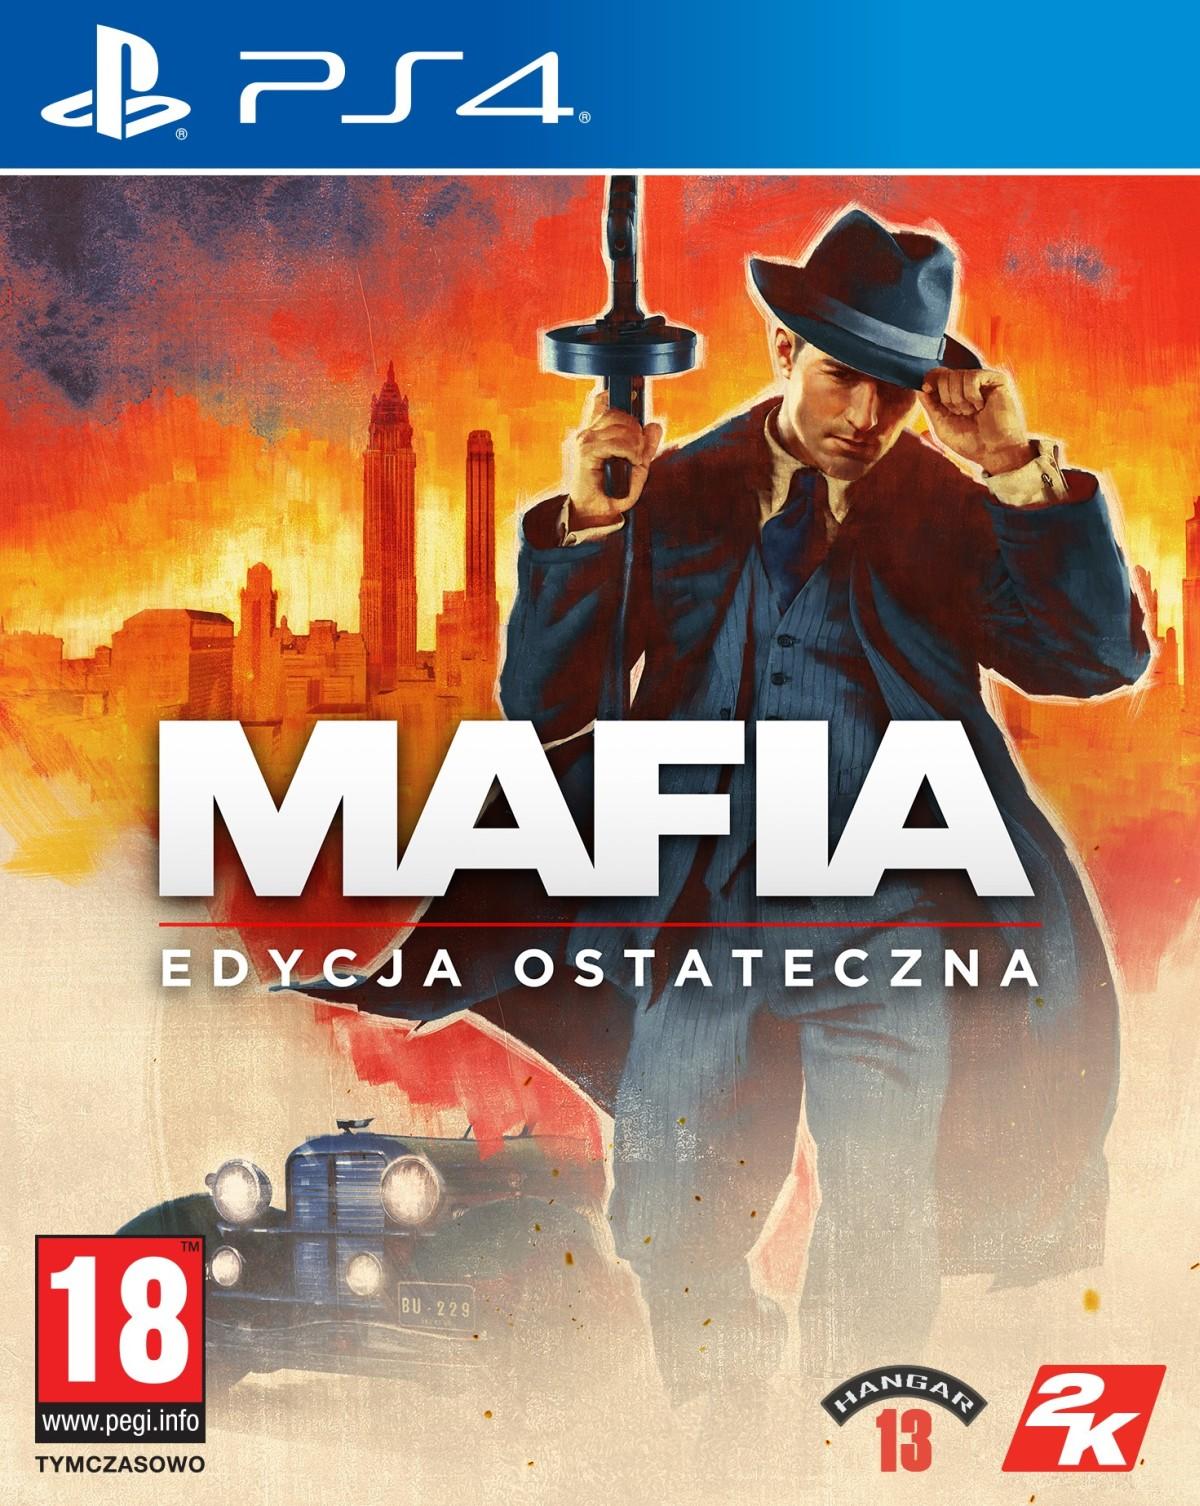 Mafia Edycja Ostateczna (PS4) + BONUS + Koszulka